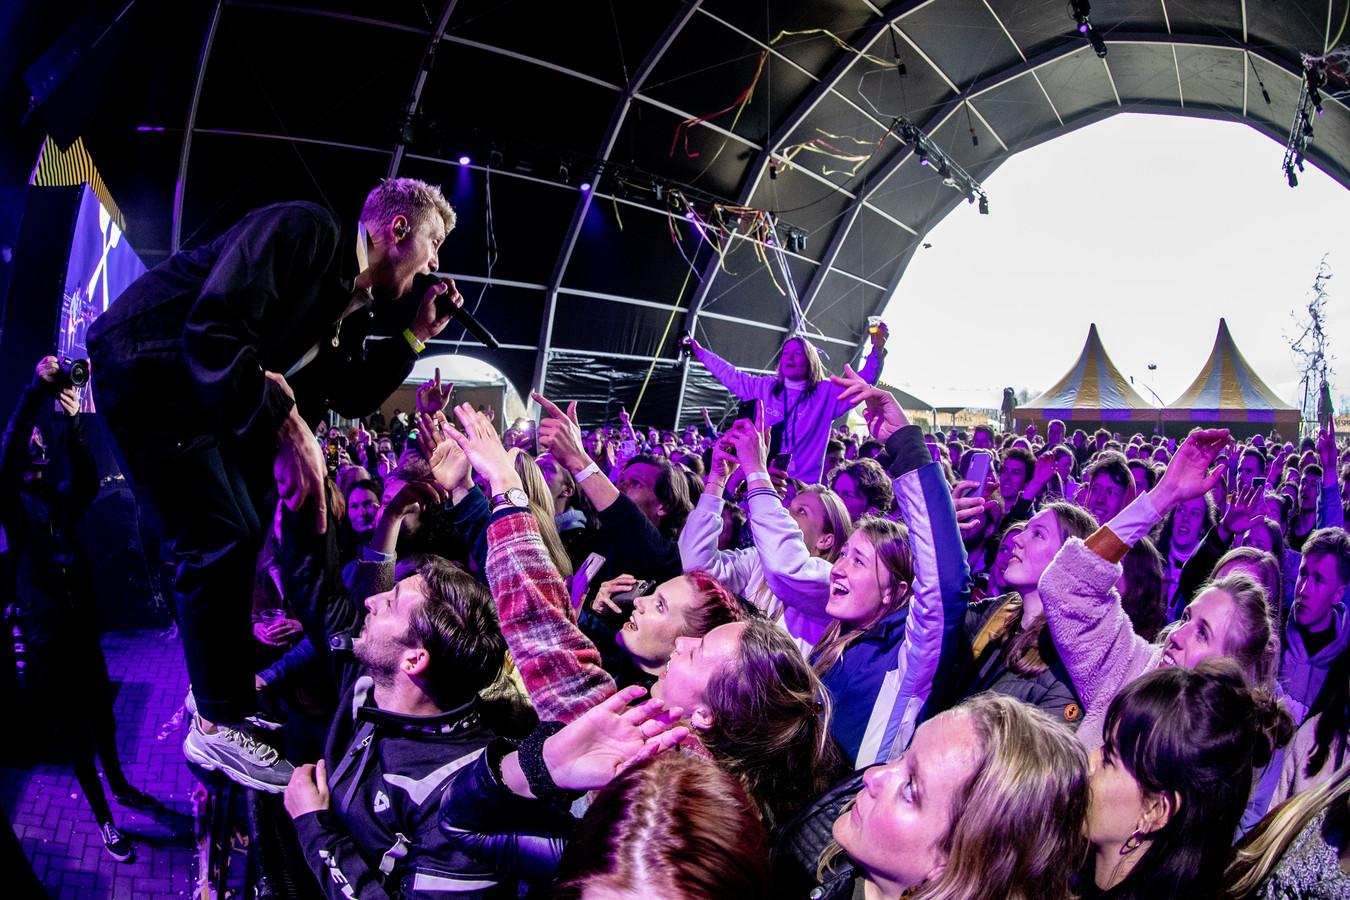 Het popfestival Back To Live op het evenemententerrein van Walibi Holland in Biddinghuizen. Het event viel onder een reeks van proefevenementen waarbij Fieldlab onderzoekt hoe grote evenementen veilig kunnen plaatsvinden in coronatijd.